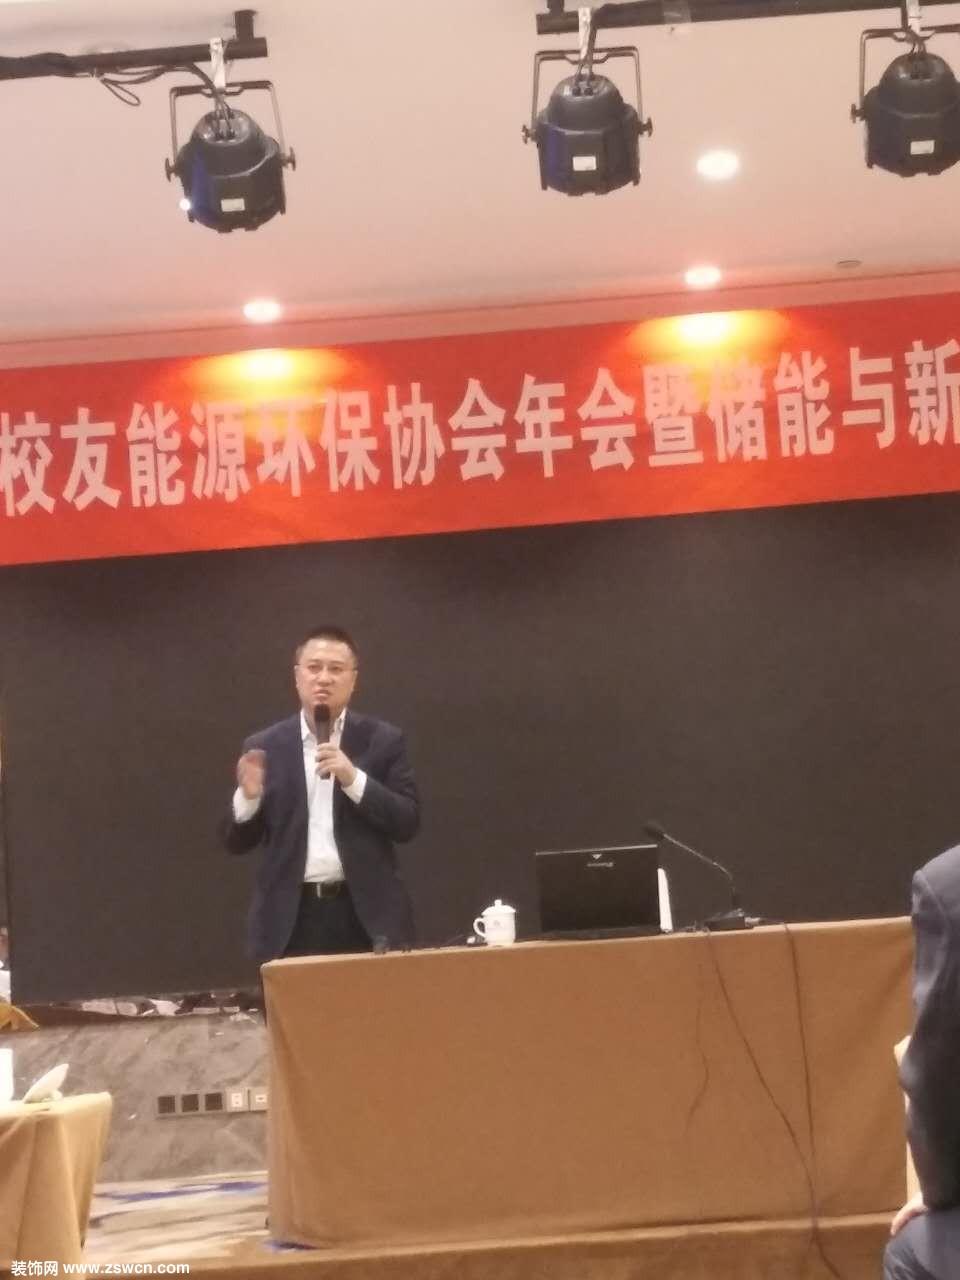 清华MBA校友会能源环保协会年会暨储能技术与新能源发展论坛在京顺利召开